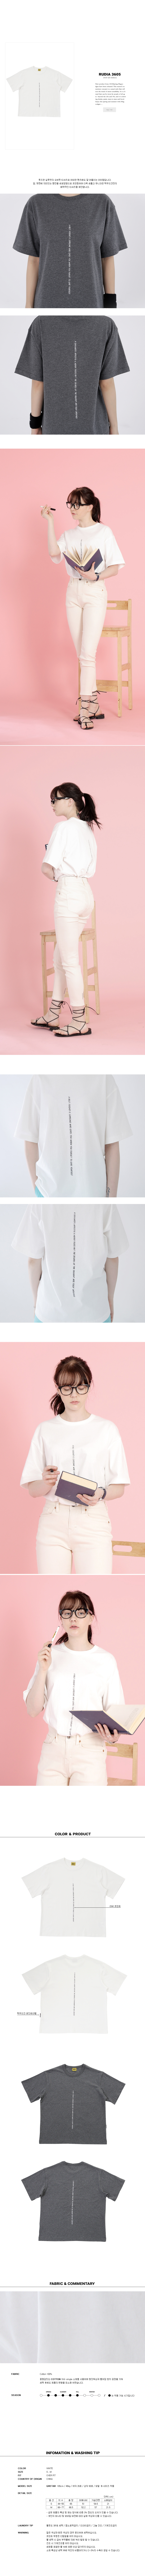 W_루디아 3605-페이머스세잉(화이트)_오버핏 티셔츠 - 맥우드건, 26,500원, 스트릿패션, 디자인반팔티셔츠